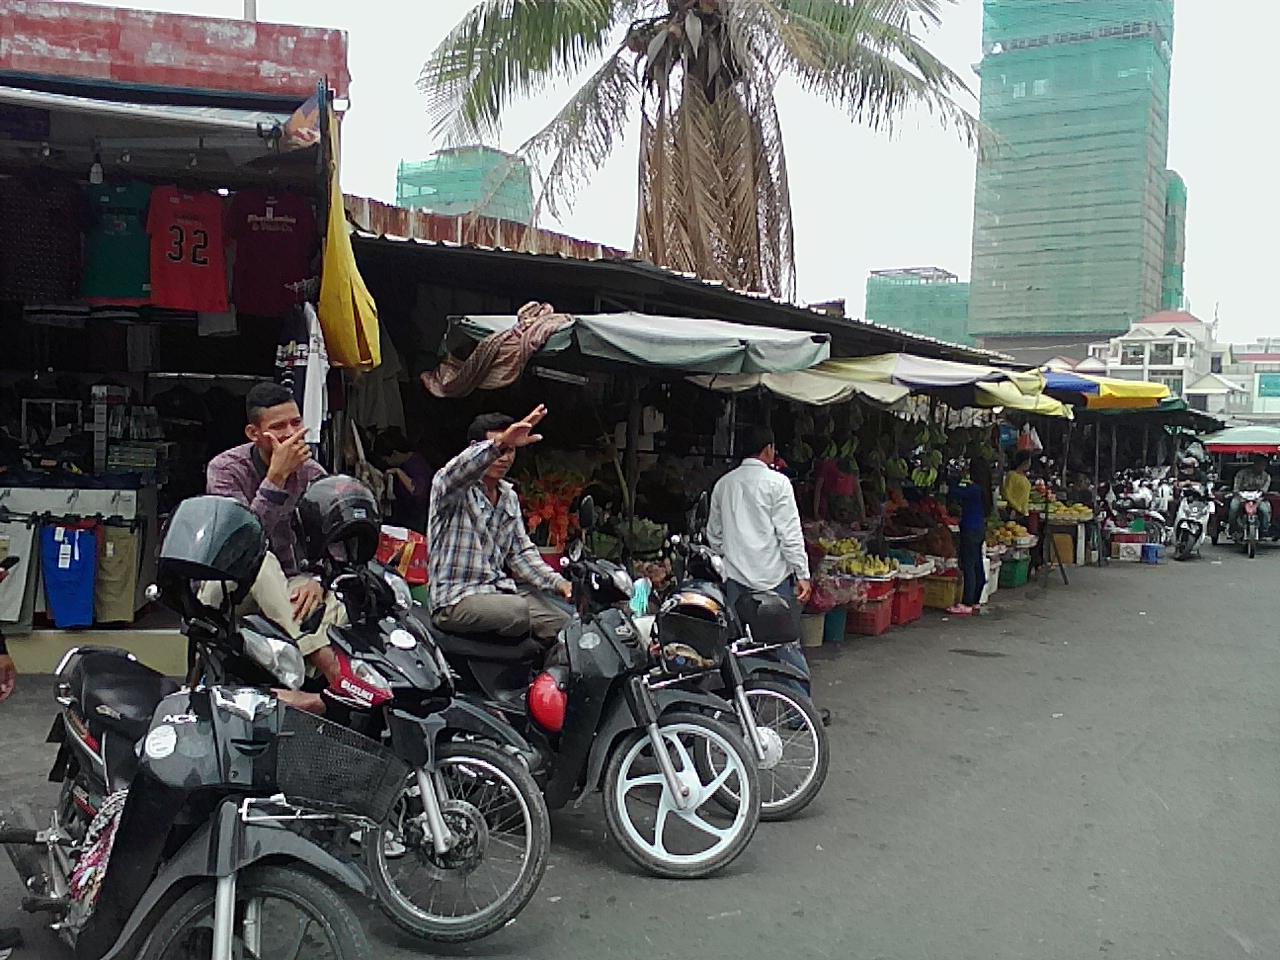 ロシアン マーケット (トゥール トンポン マーケット)Tuol Tom Poung Market